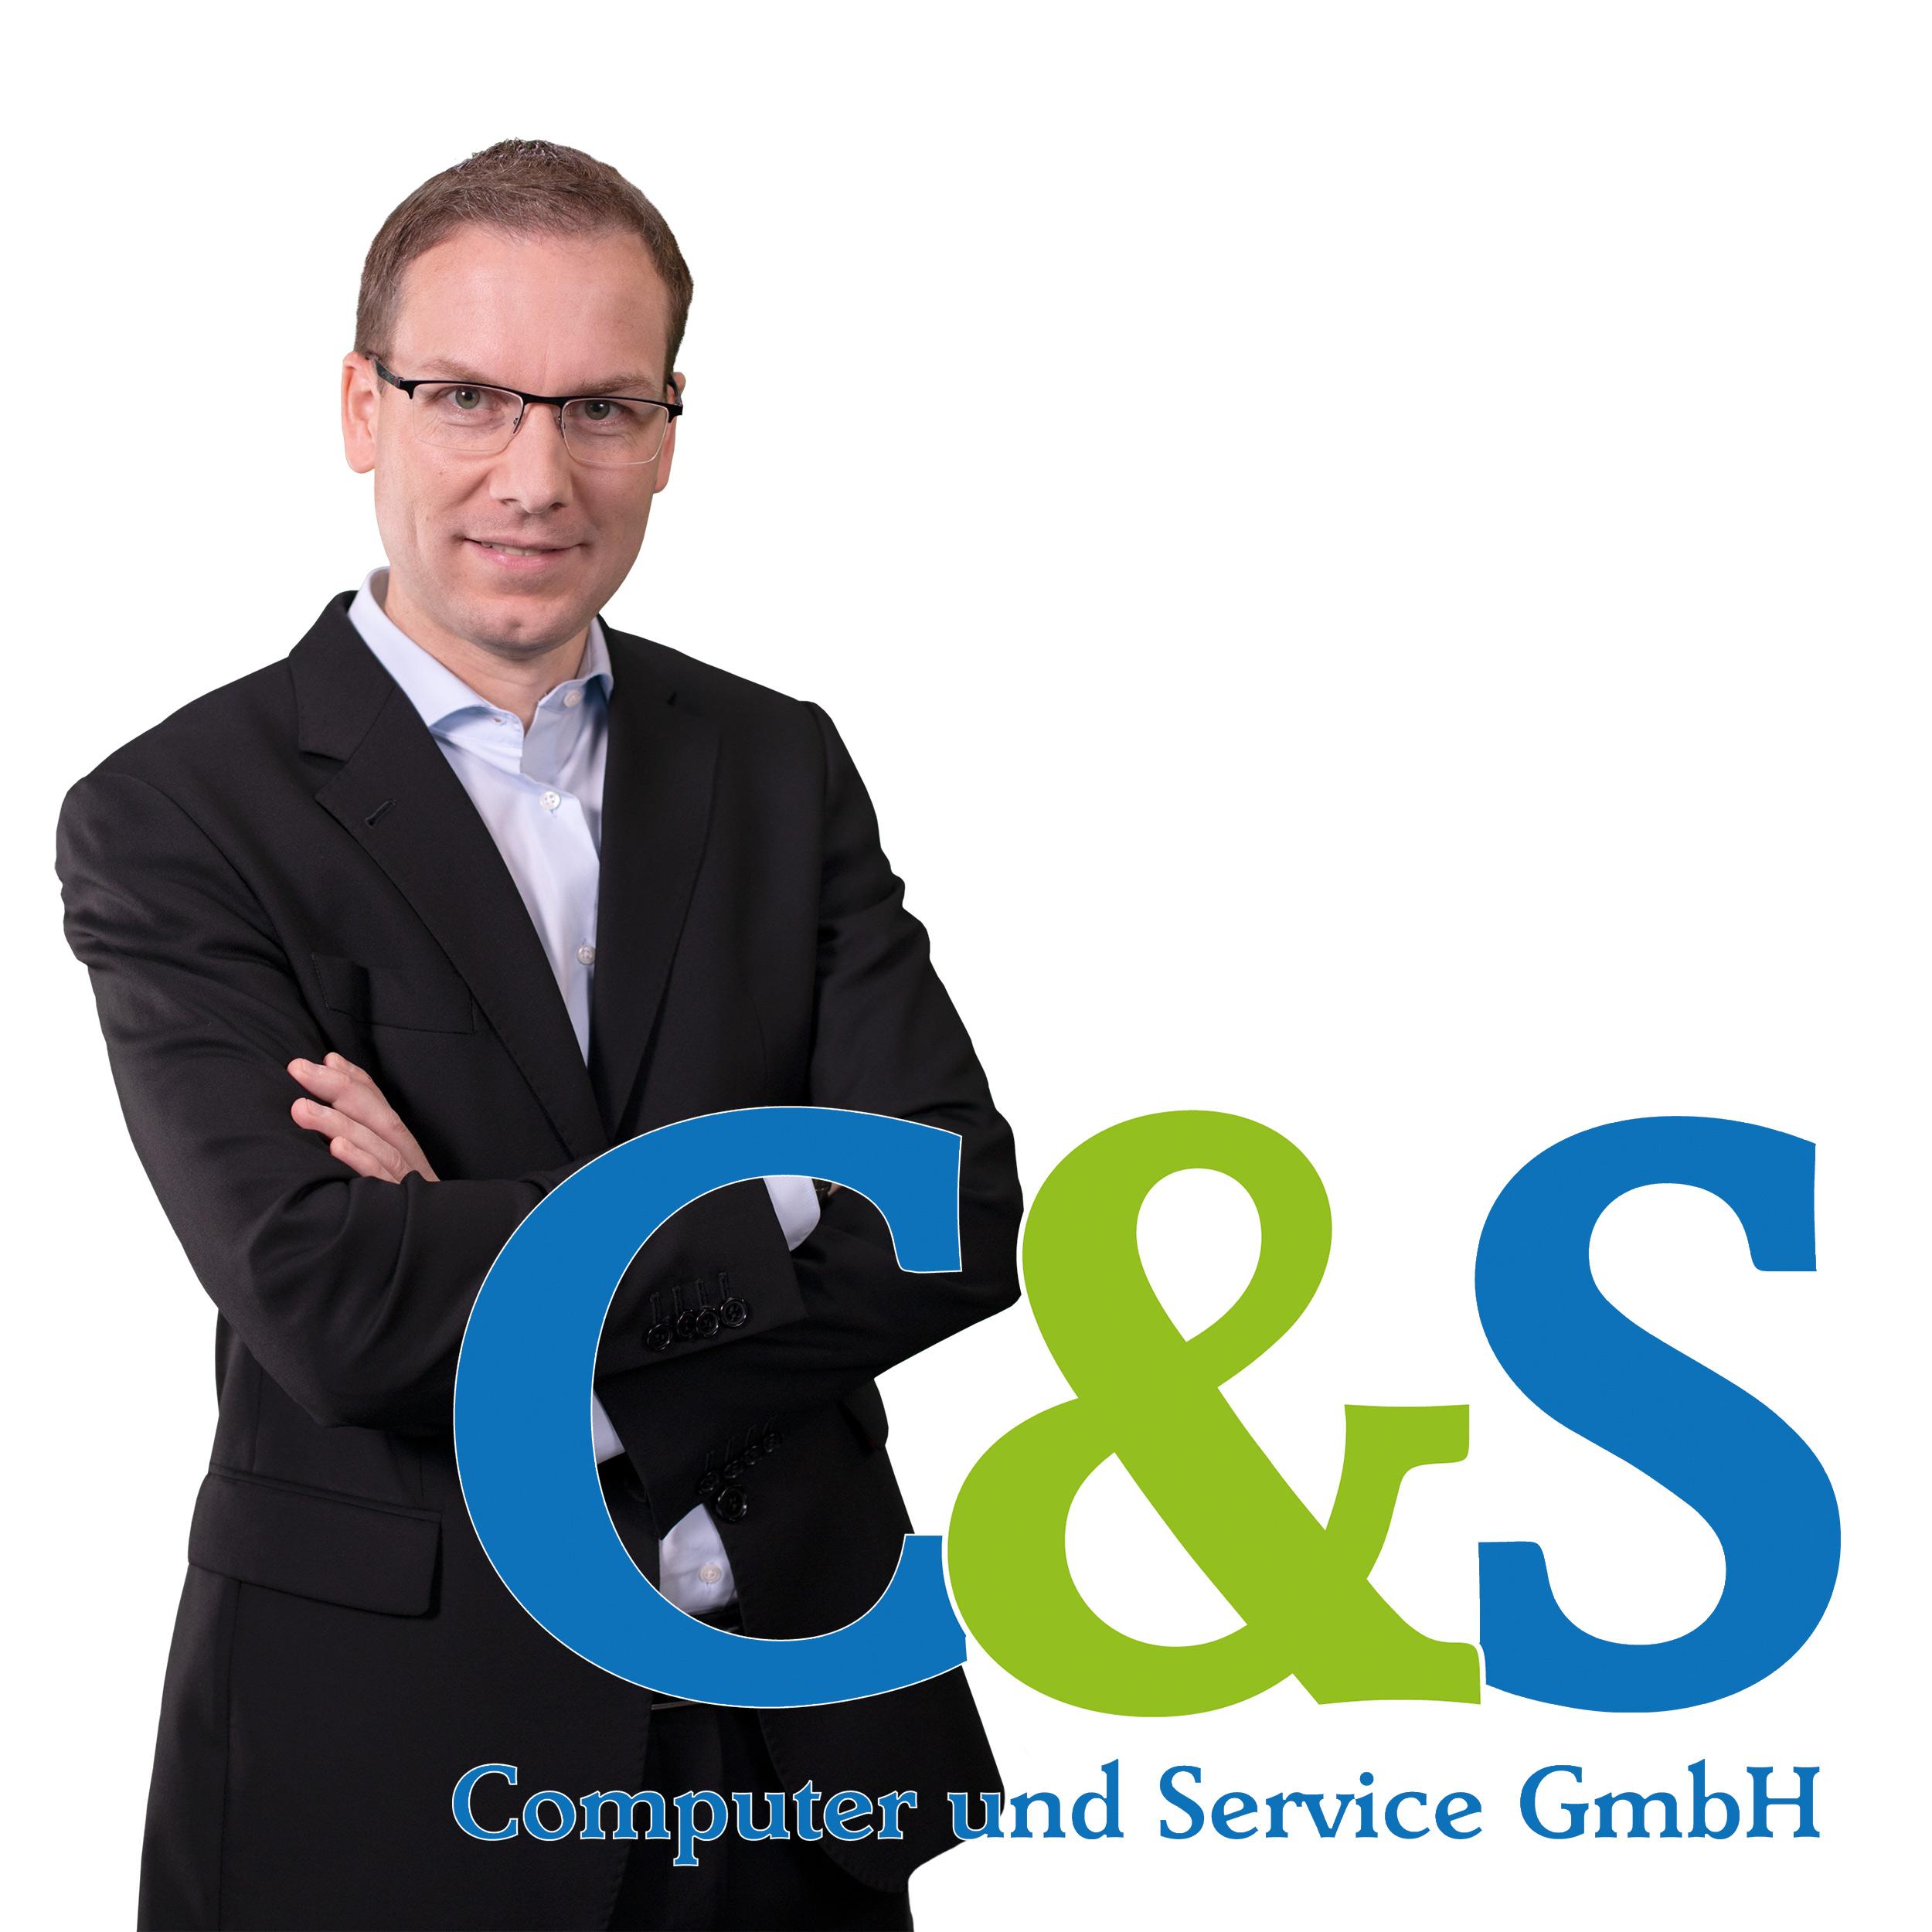 Logo - Computer und Service GmbH